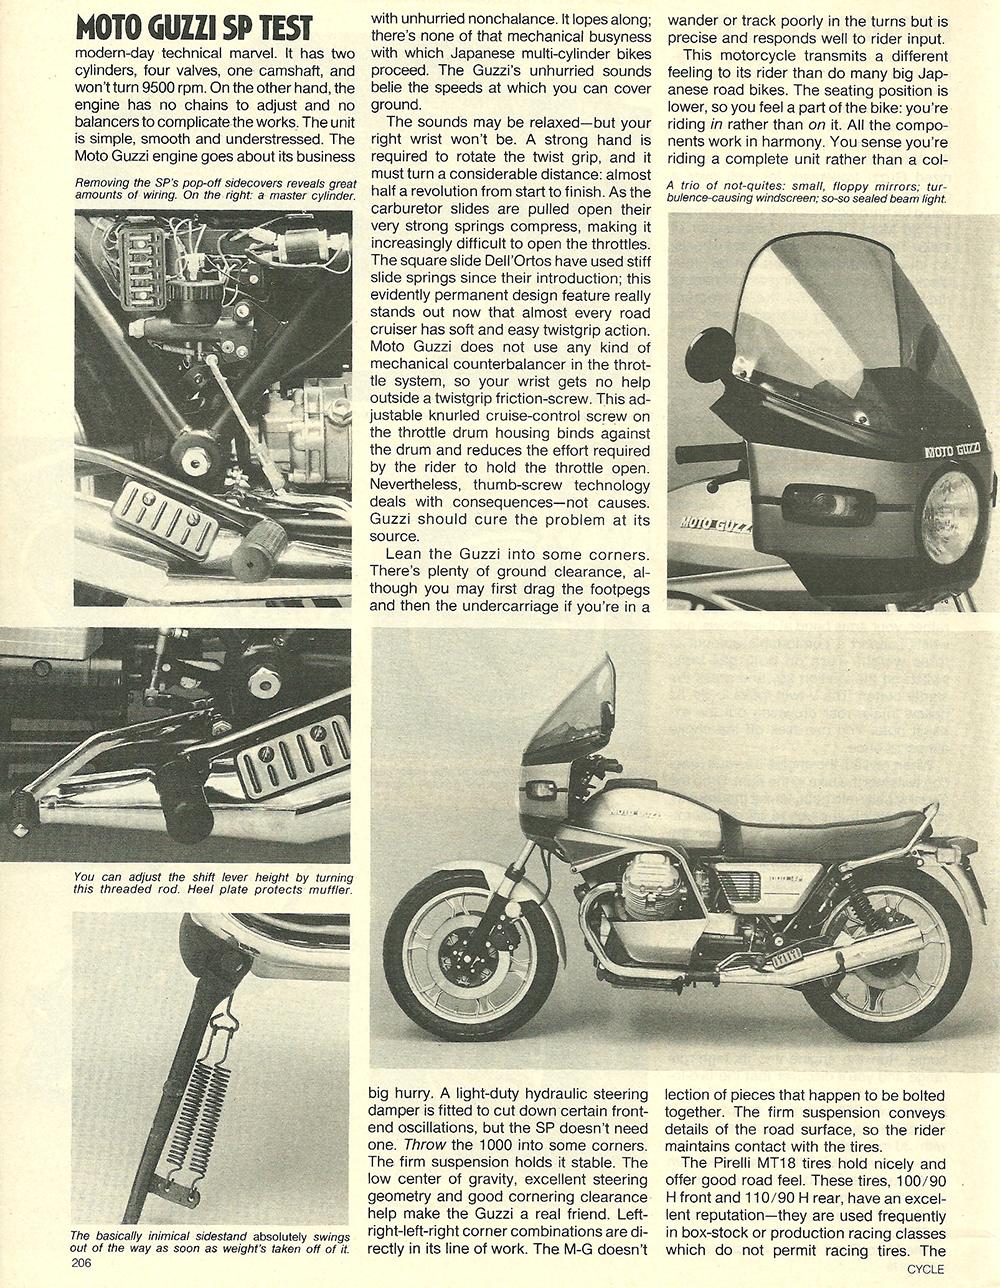 1979 Moto Guzzi 1000 SP road test 05.jpg